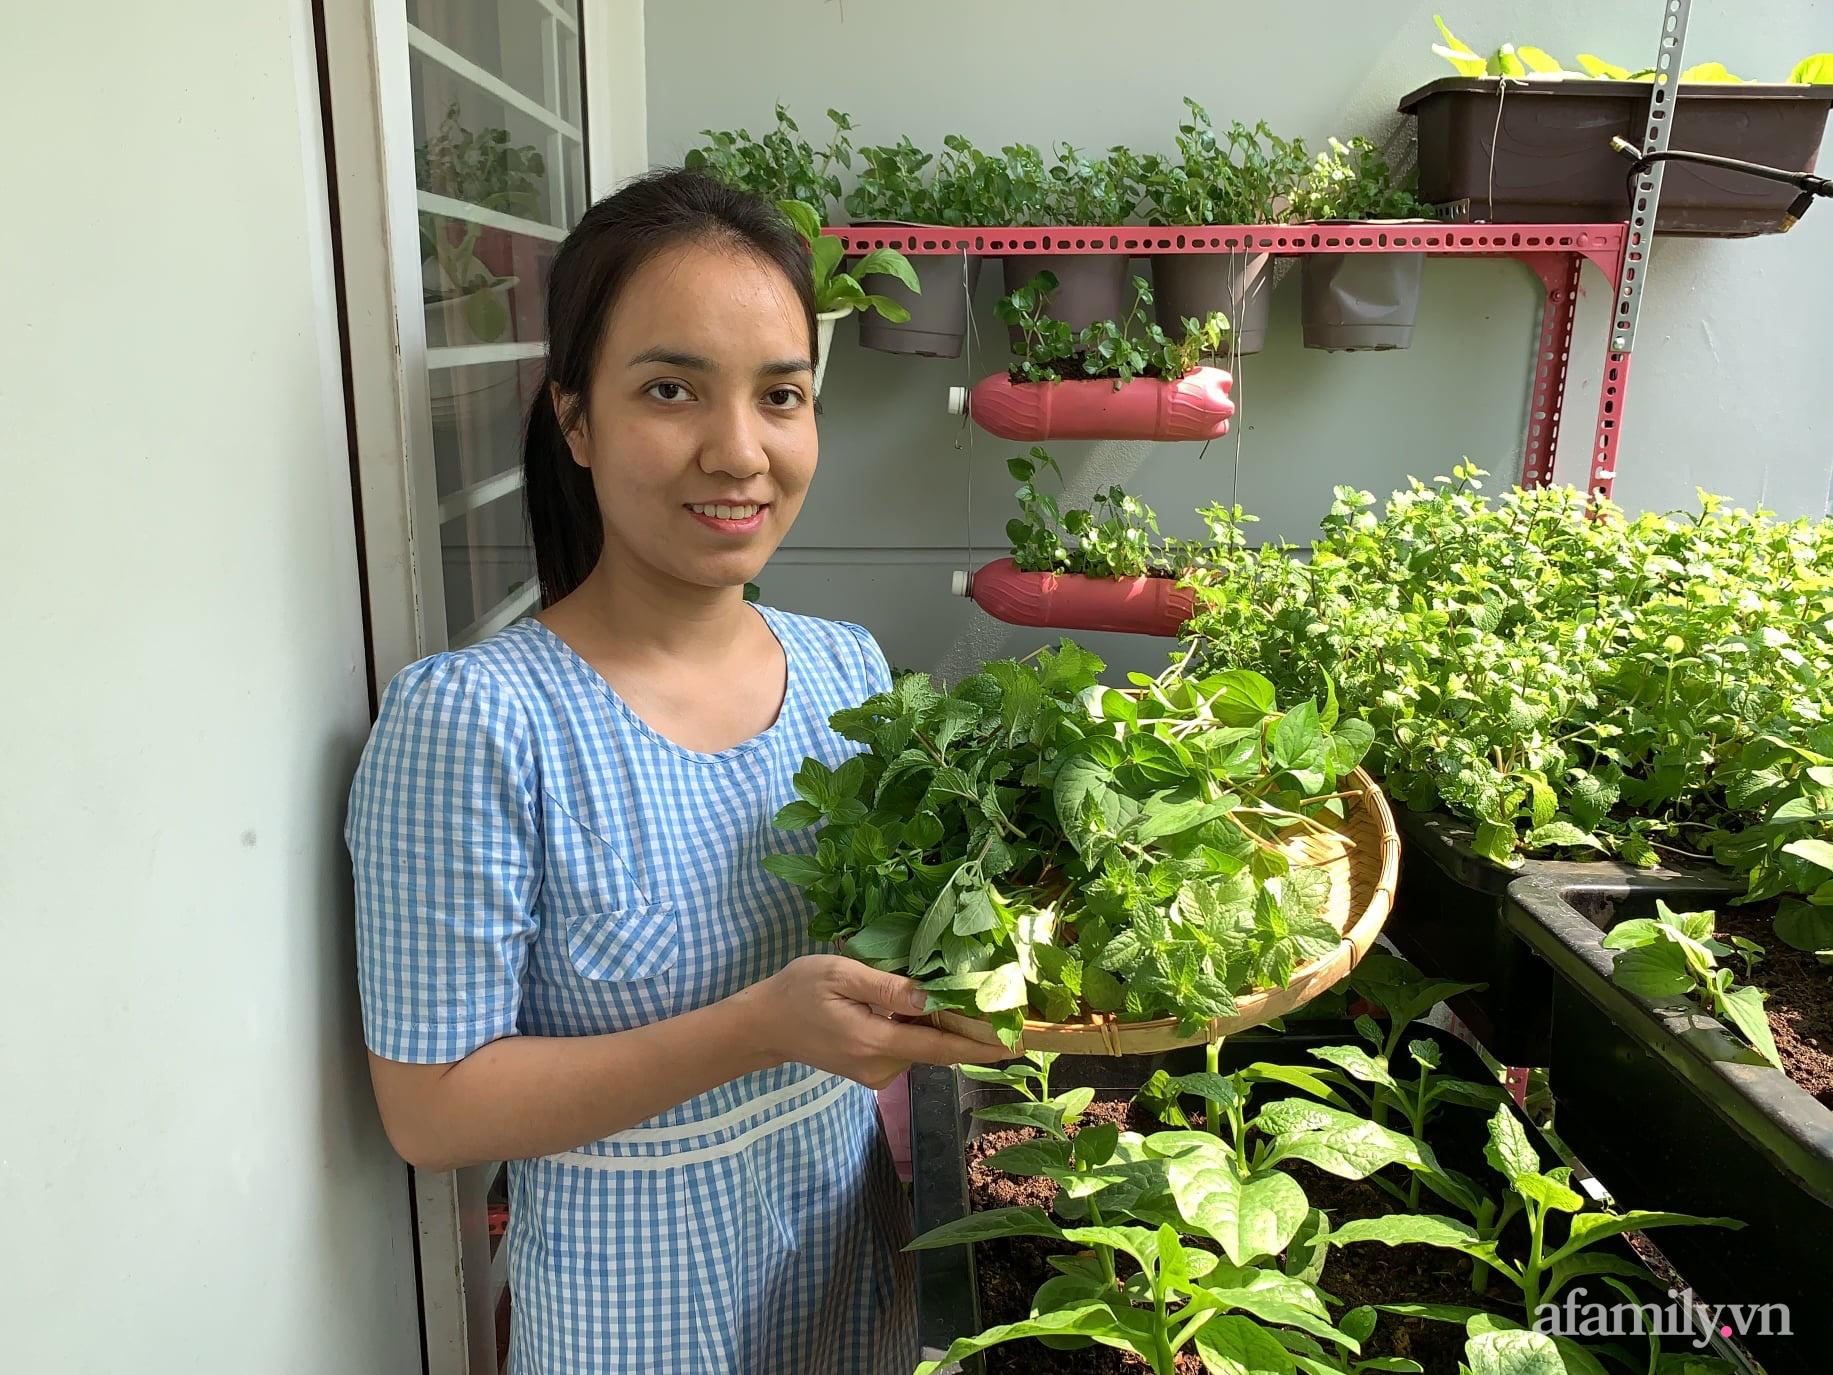 Ban công 3m² phủ kín rau sạch quanh năm tươi tốt của ông bố đảm 3 con ở Bình Thạnh, Sài Gòn - Ảnh 4.